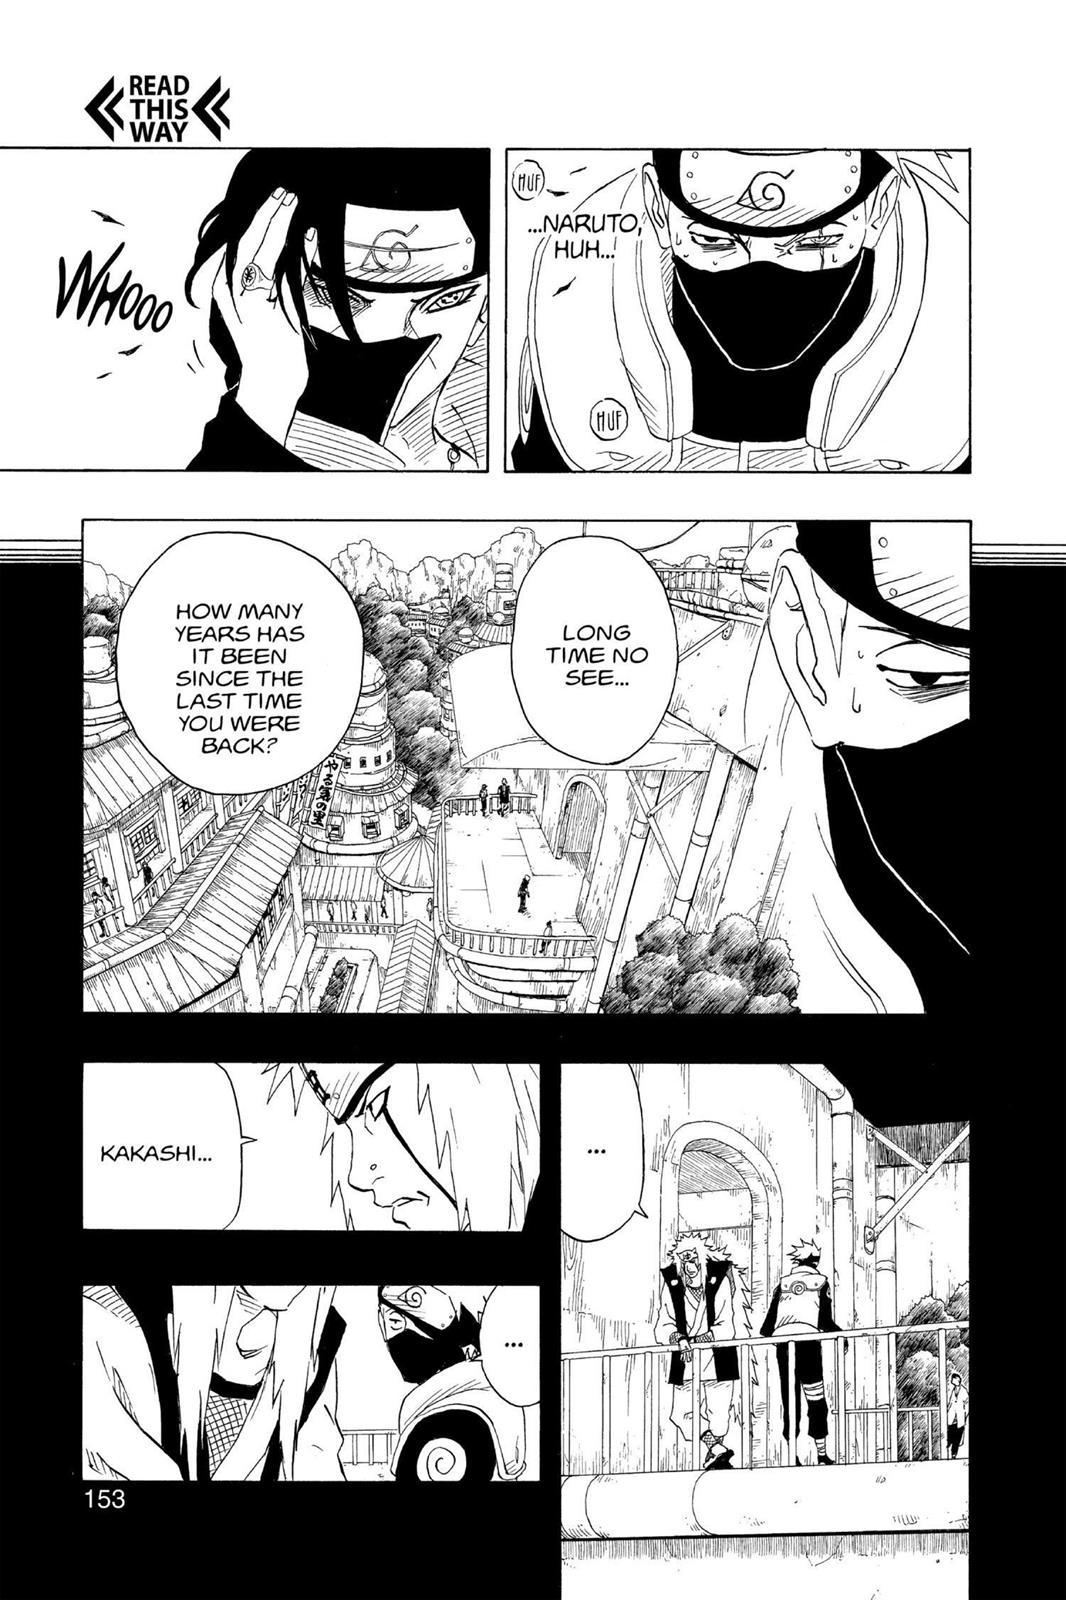 Jiraiya fazer frente a Itachi + Kisame não faz sentido para você? - Página 2 0143-003